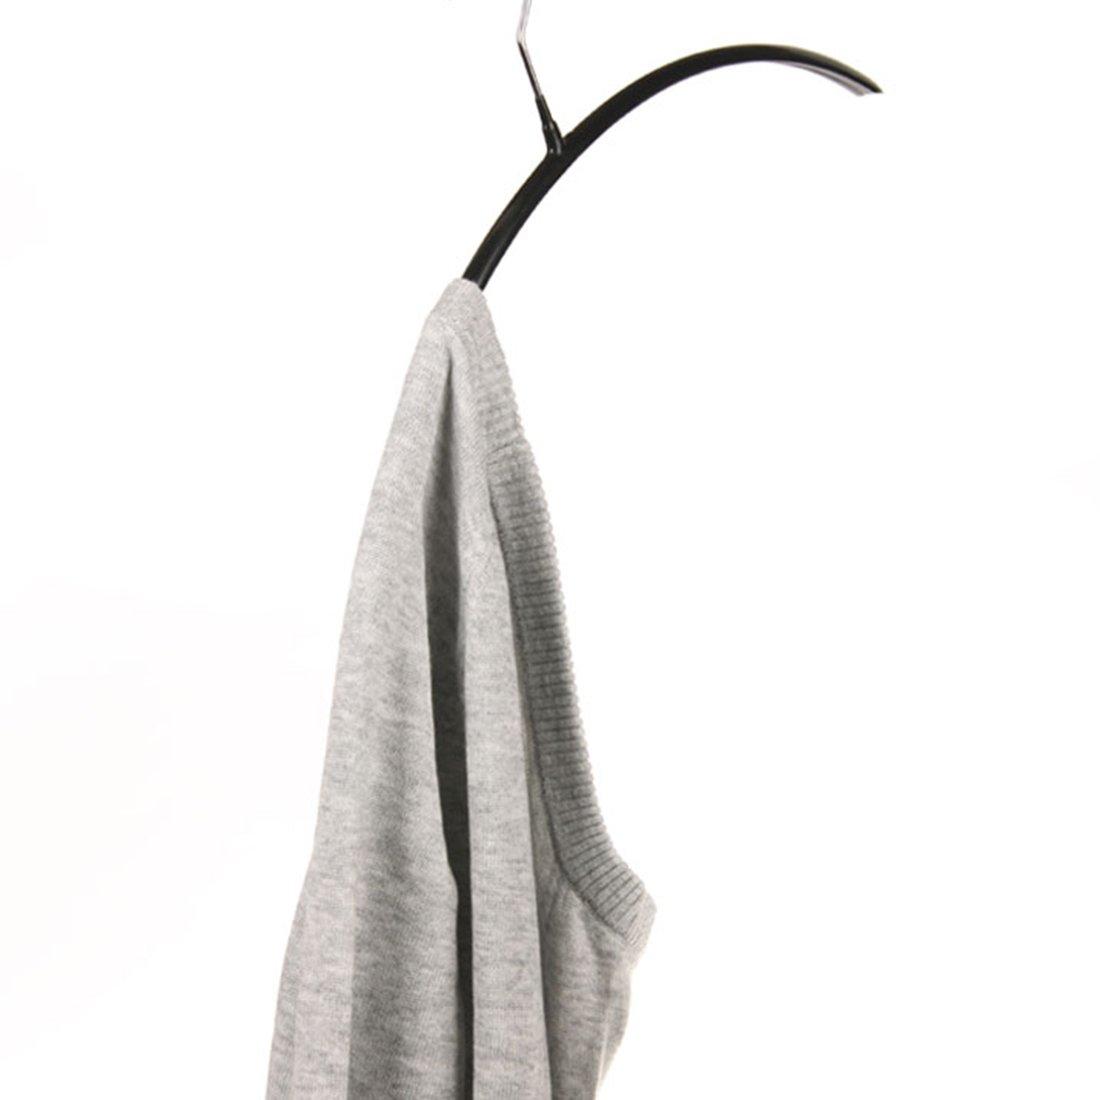 Tebery 10 x Metall Kleiderb/ügel mit festem haftungsbeschichtet Garderobenb/ügel Set rutschfest schwarz